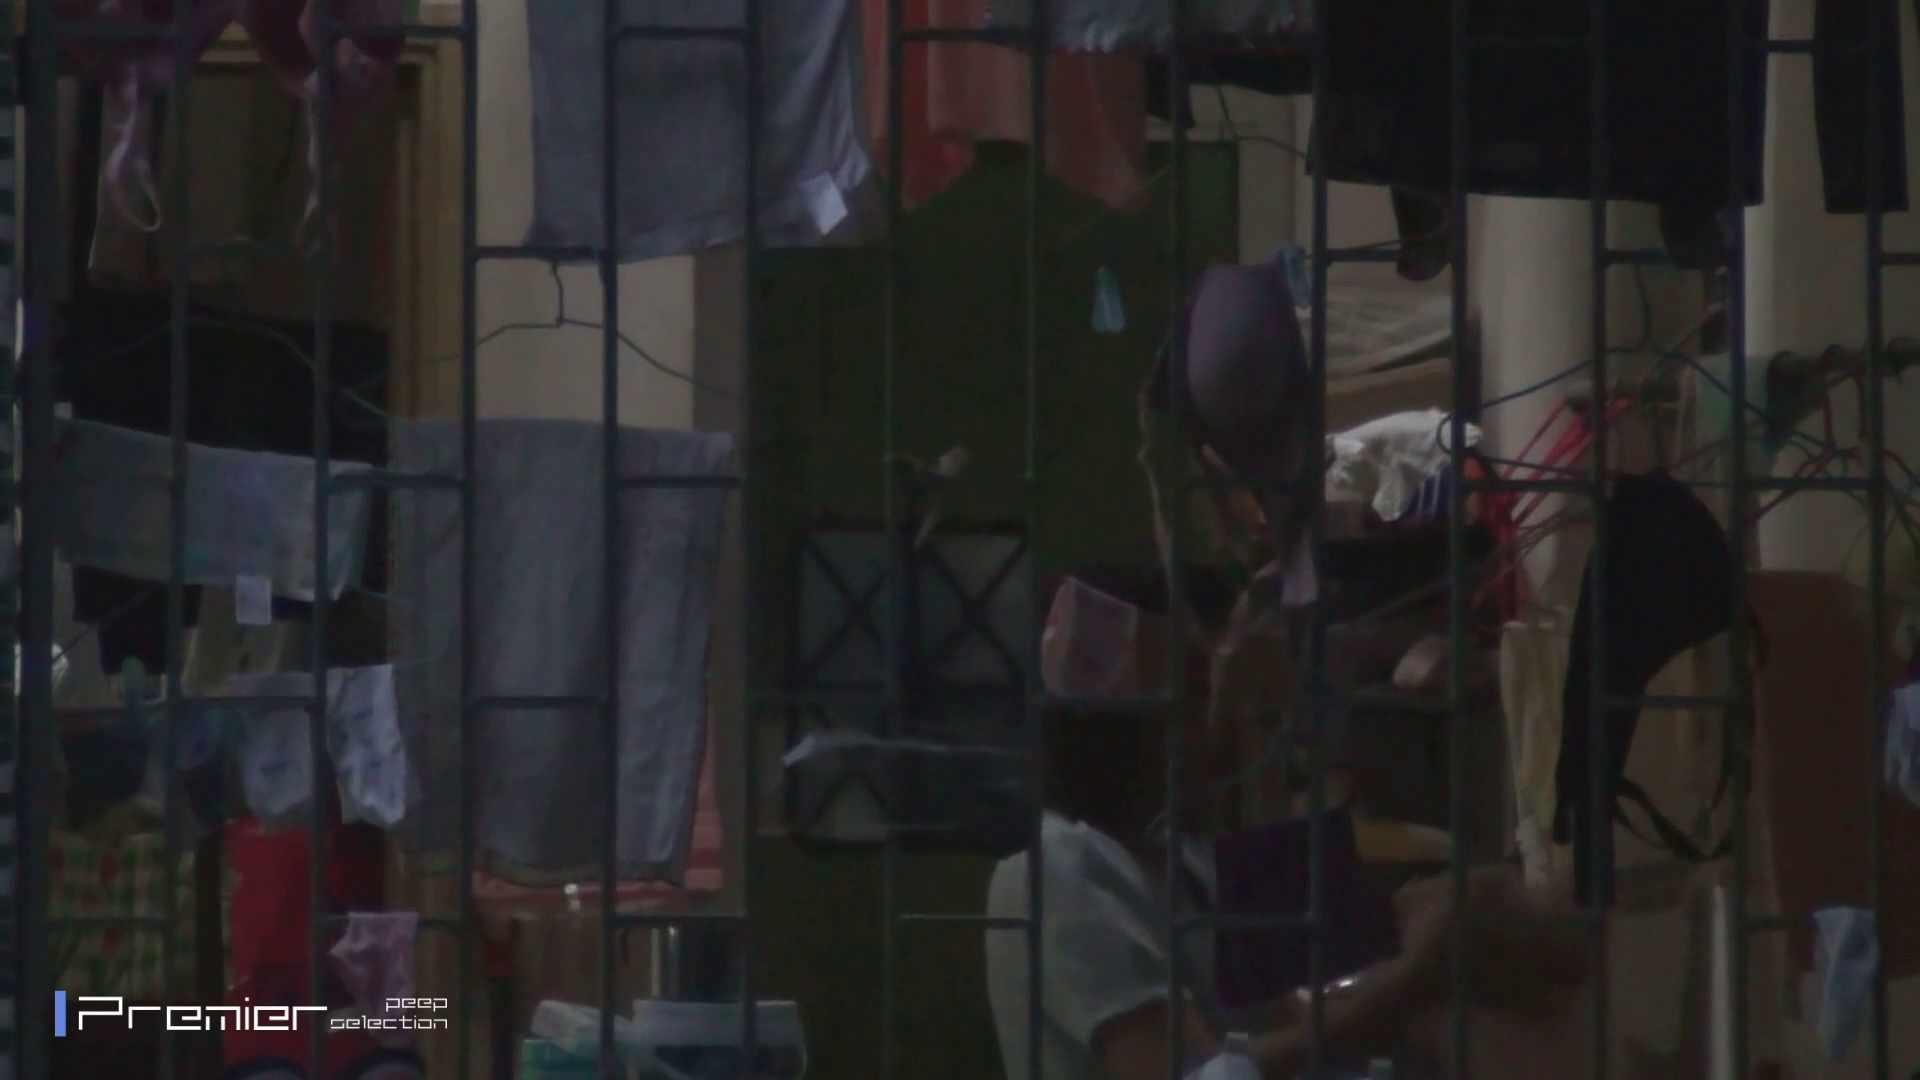 激撮り美女の洗顔シーン Vol.05 美女の痴態に密着! 盗撮大放出 ワレメ動画紹介 77連発 12